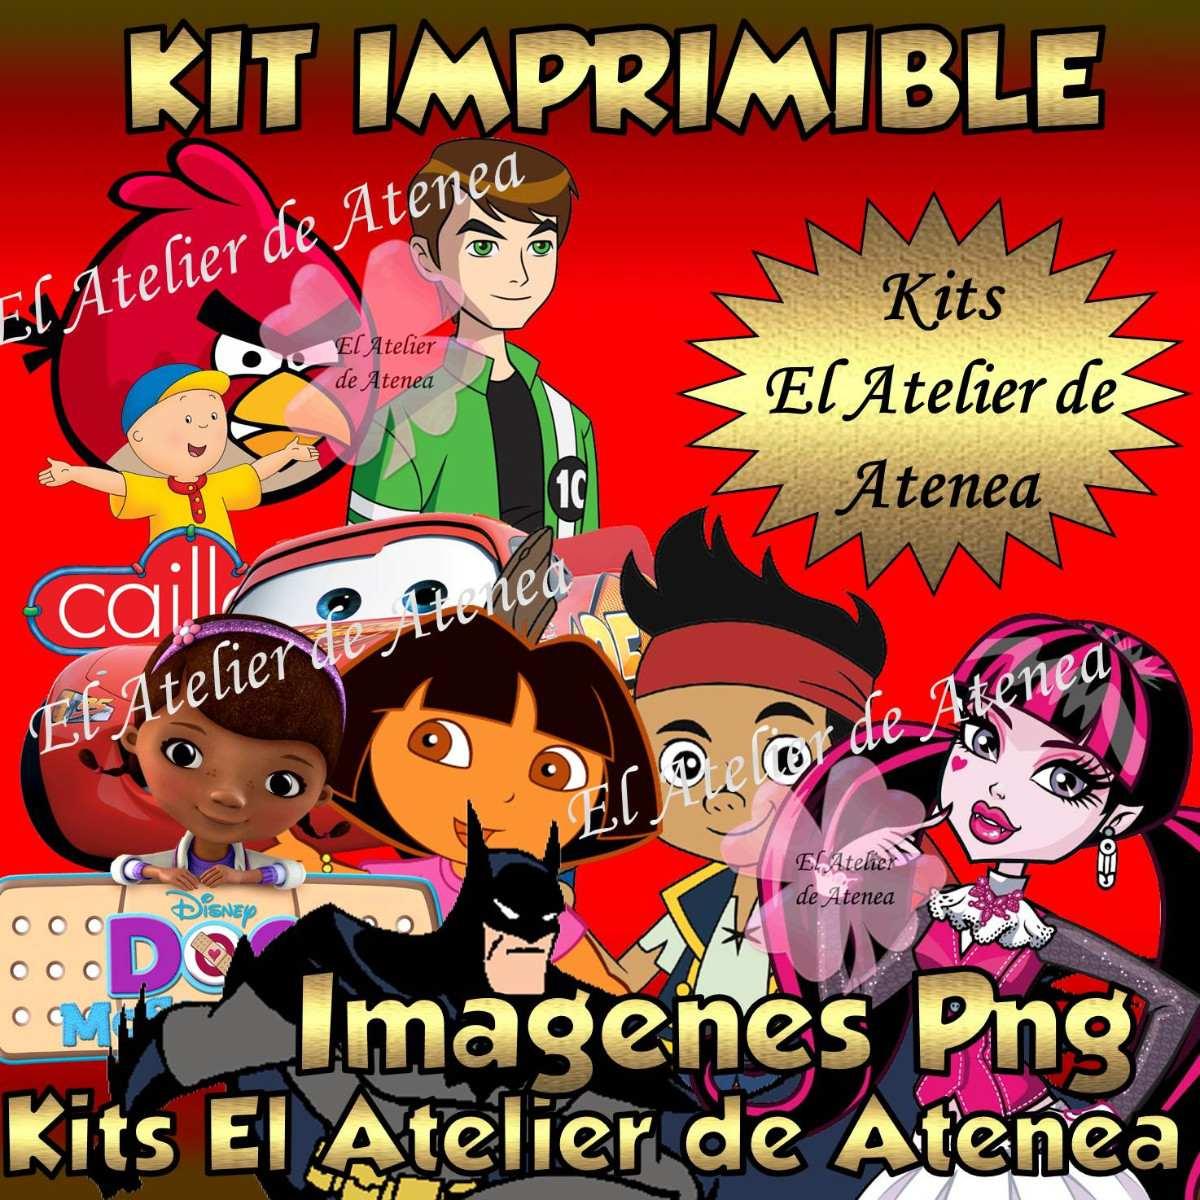 Kit Imprimible Imagenes Png Sin Fondo Blanco 5000 En Mercado